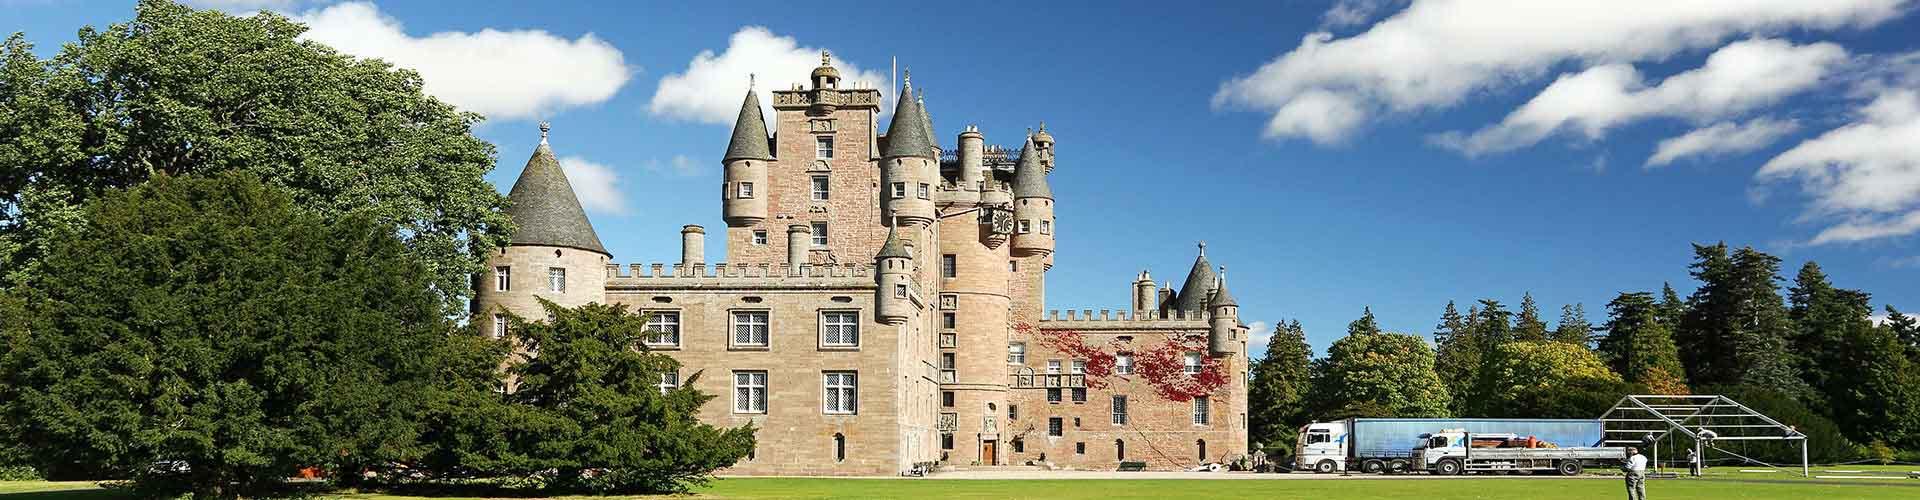 Dundee - Campamentos en Dundee. Mapas de Dundee, Fotos y comentarios de cada Campamento en Dundee.